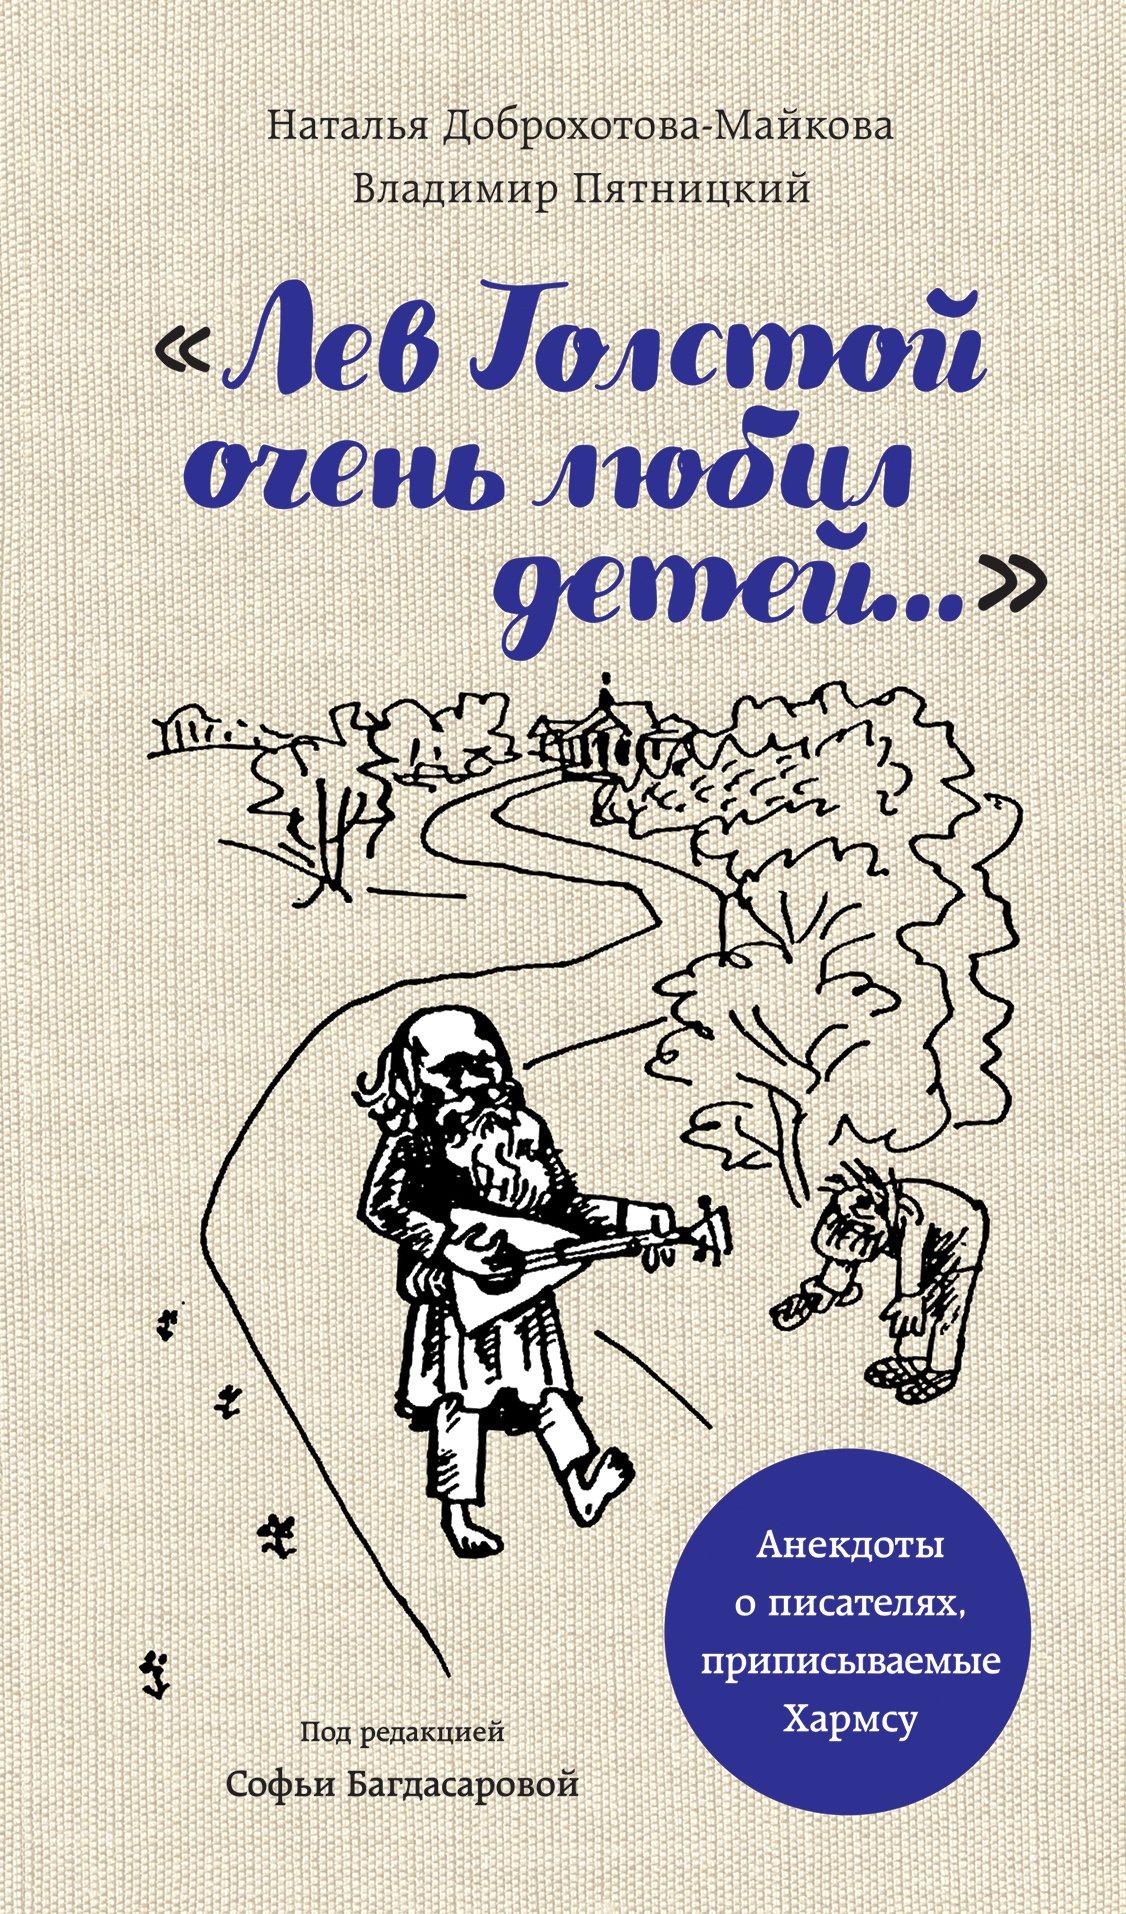 Лев Толстой очень любил детей. Псевдо-Хармс (с автографом) Багдасарова Софья Андреевна